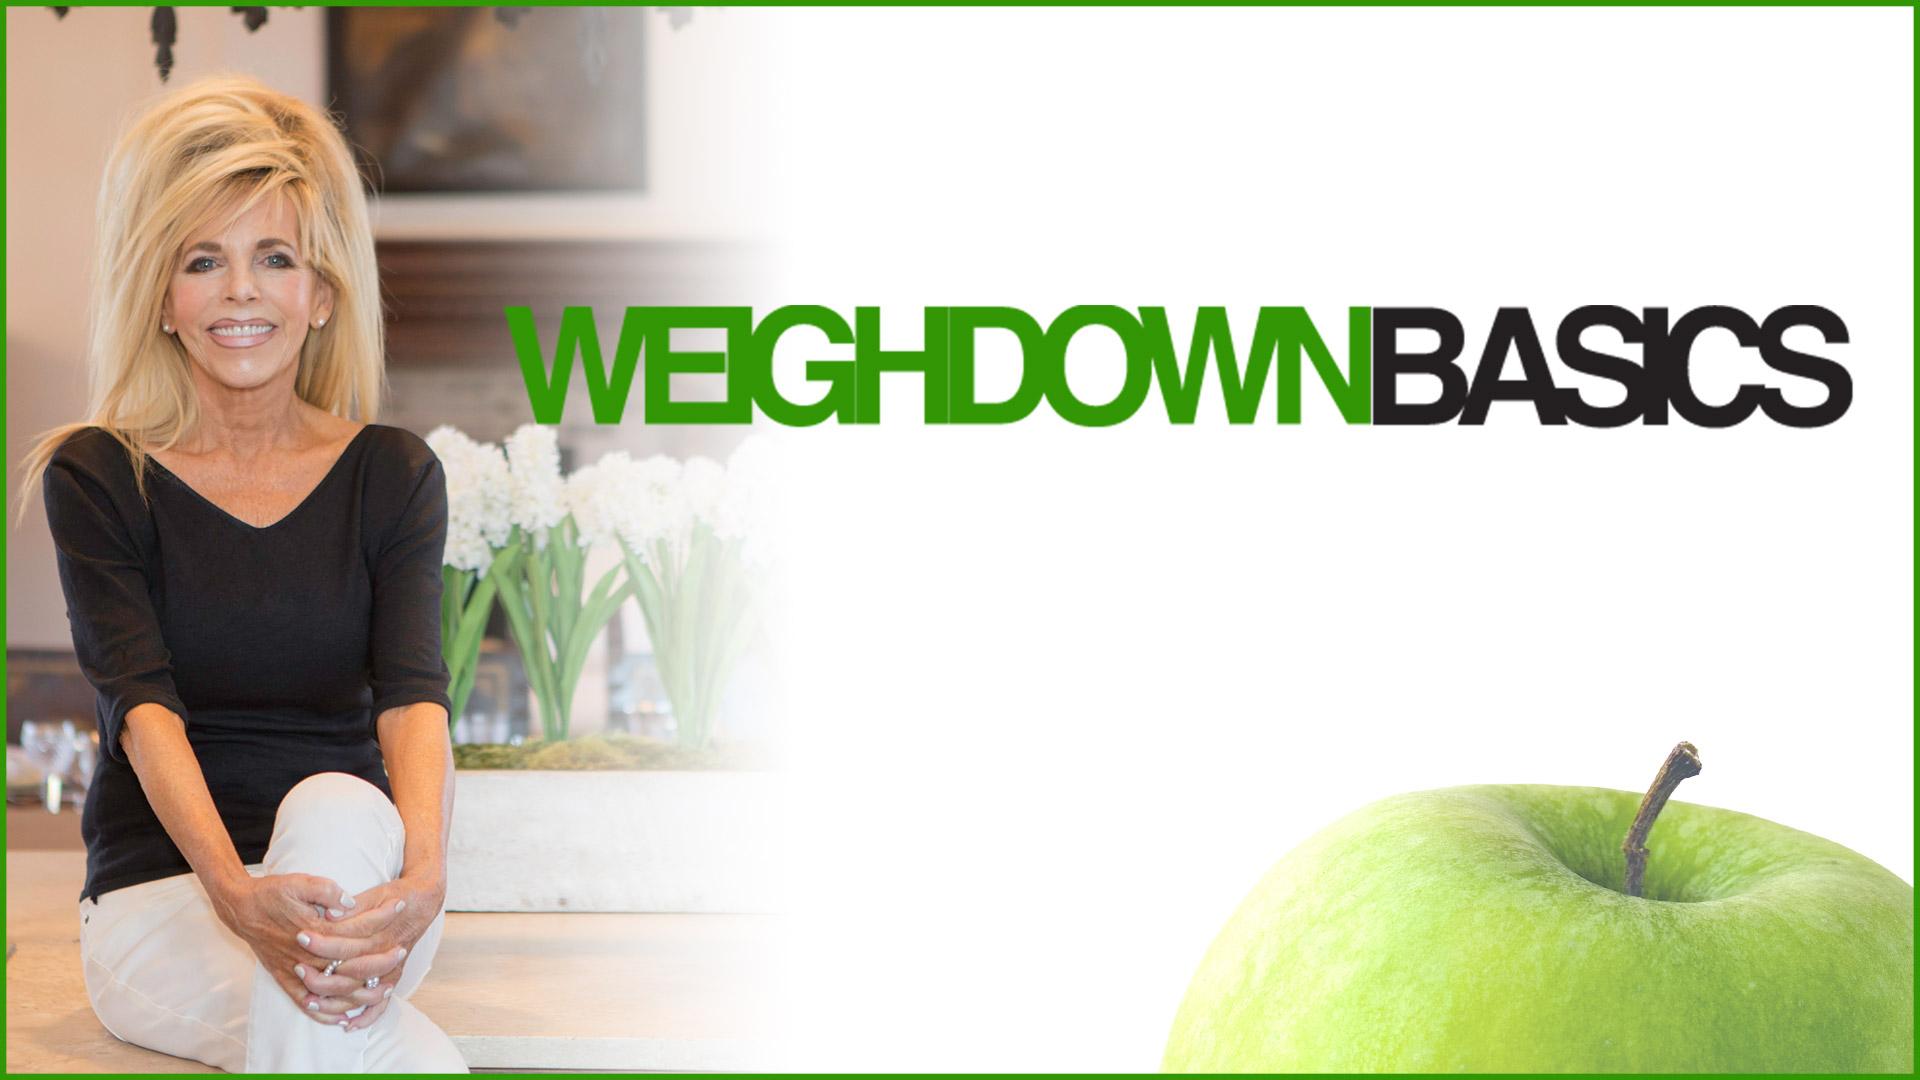 Weigh Down Basics - Weigh Down Ministries